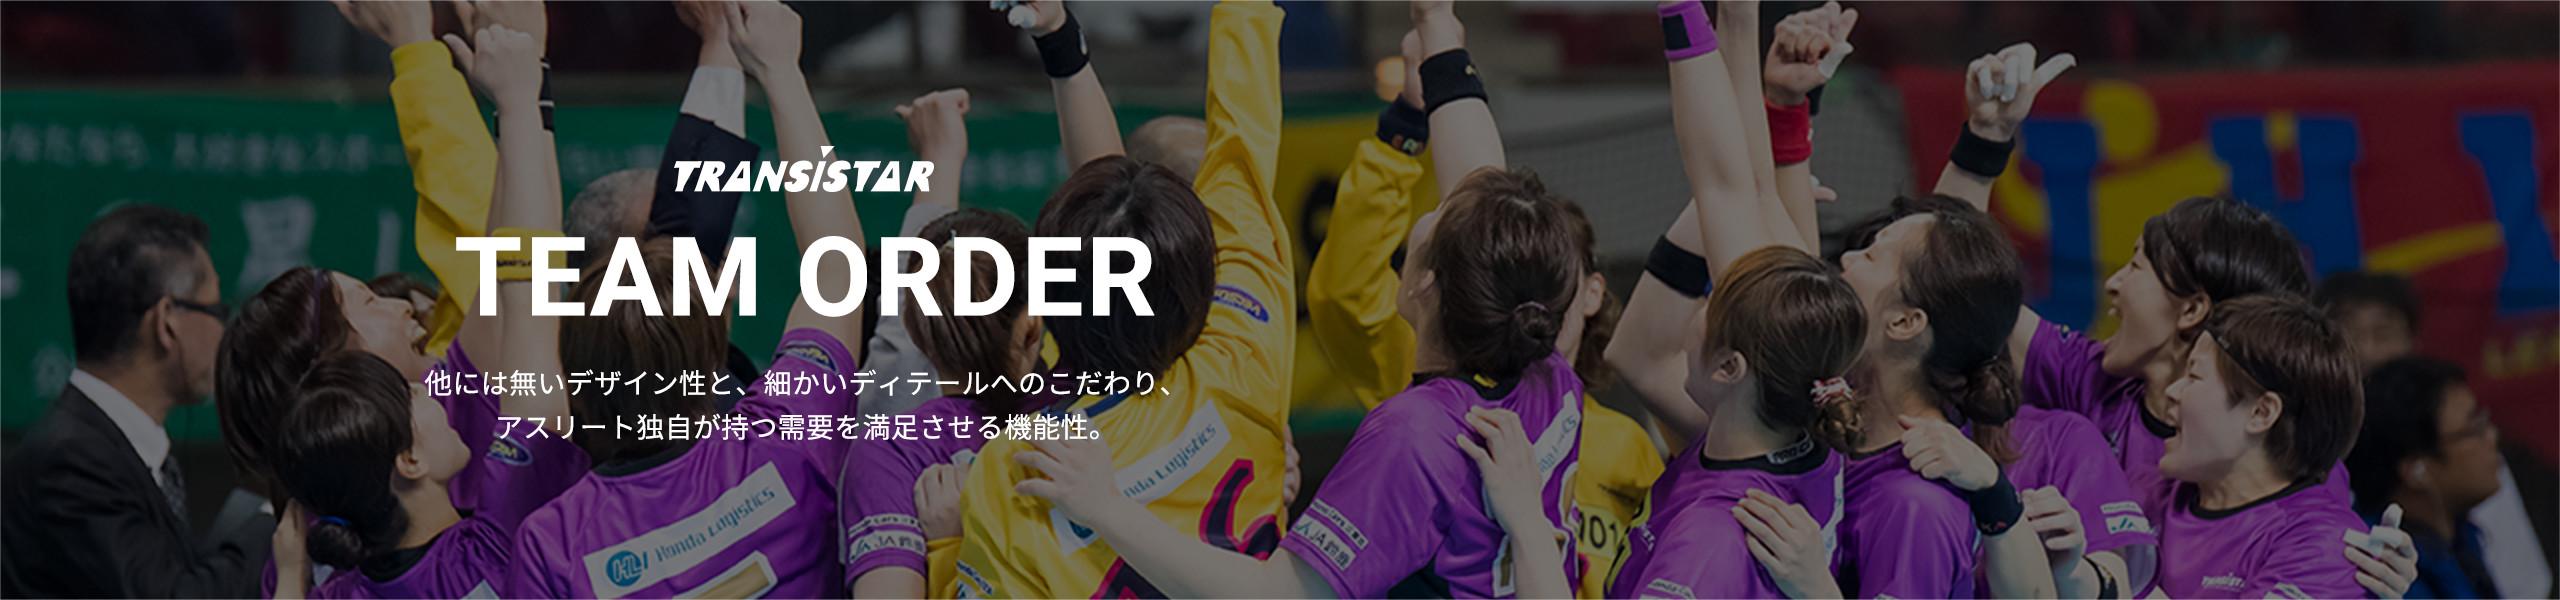 teamorder